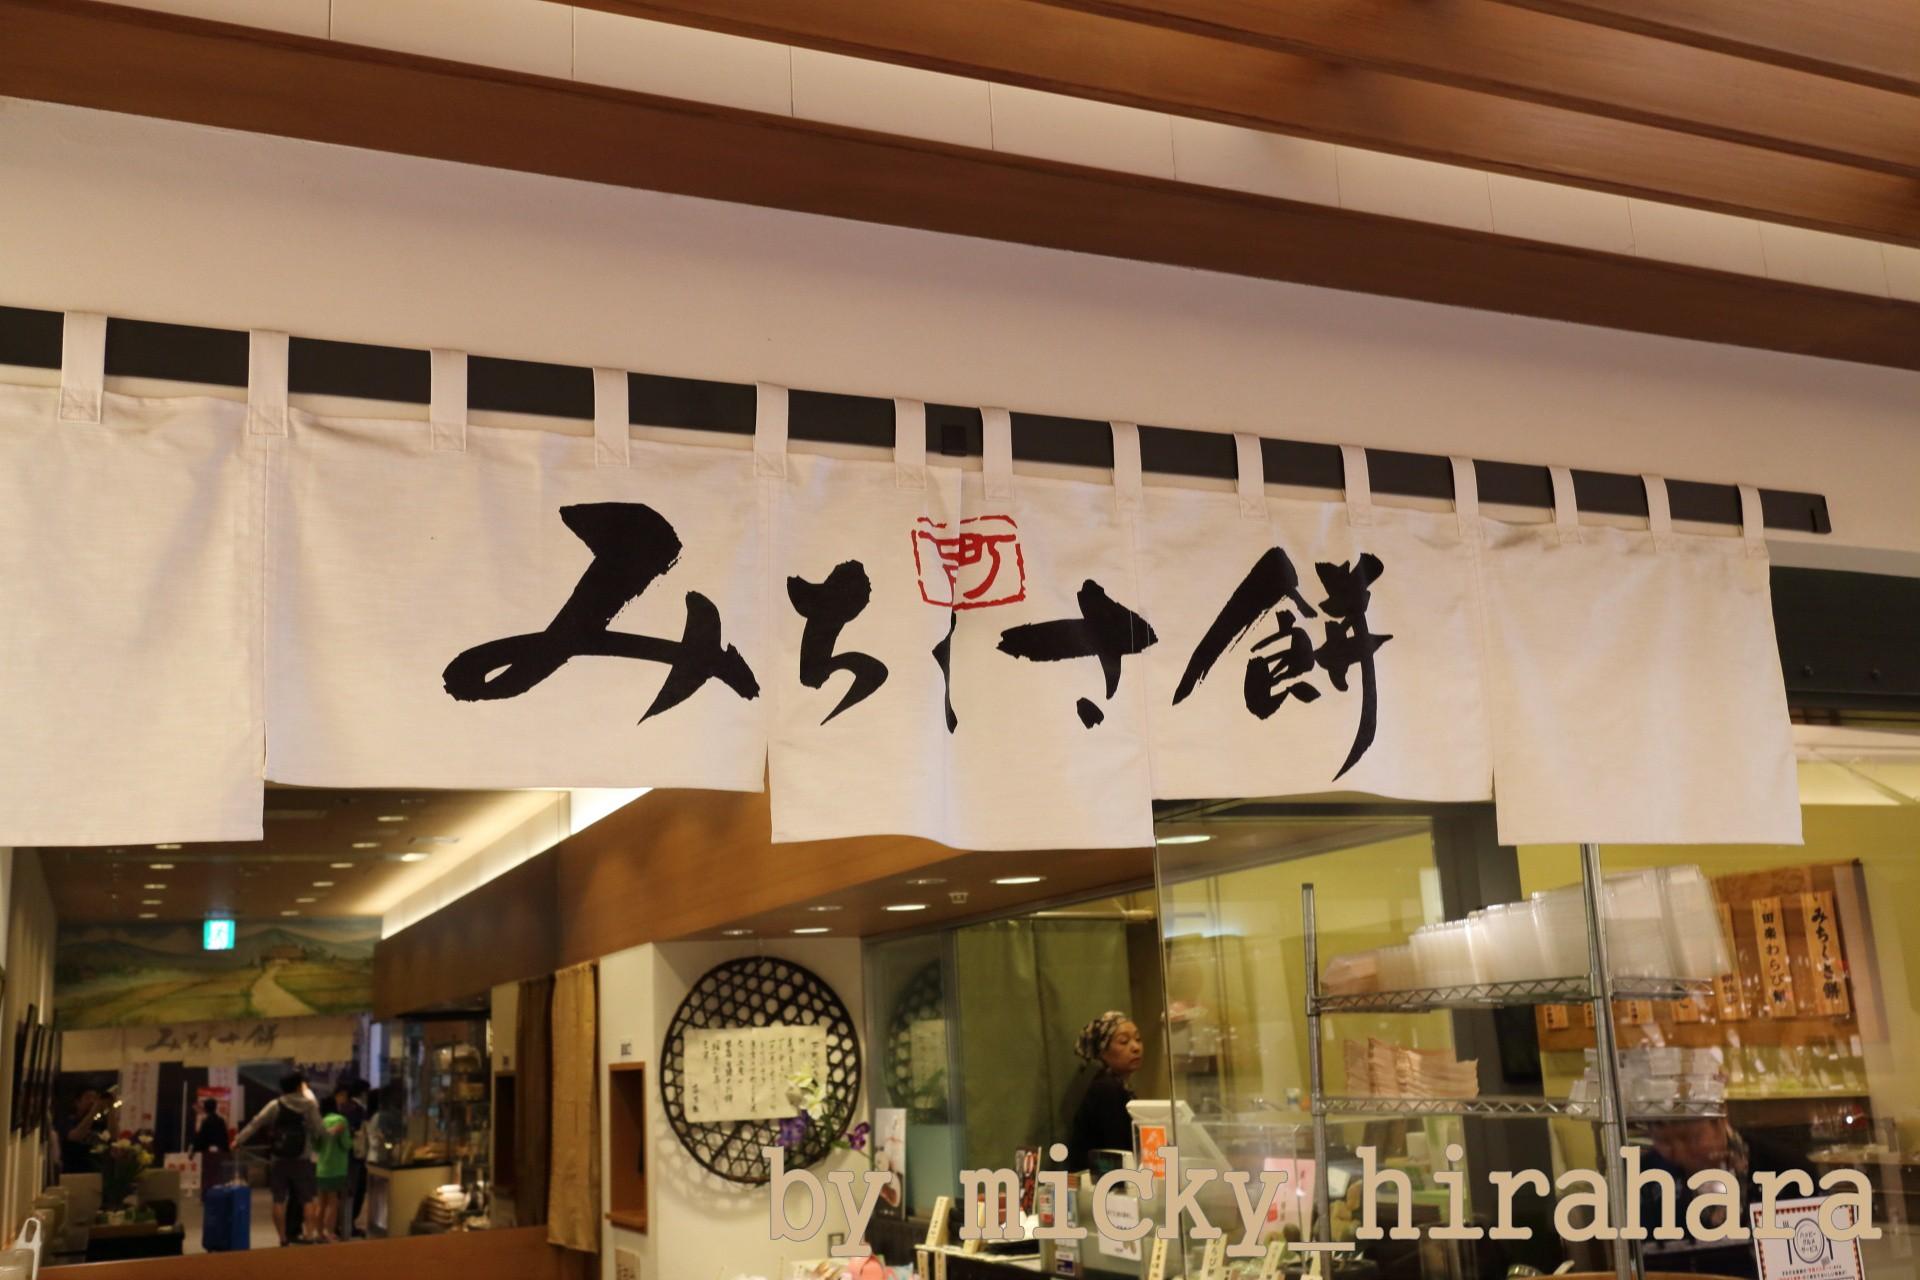 新杵 みちくさ餅(押上):東京スカイツリーで激ウマな福福だんごを食べよう!